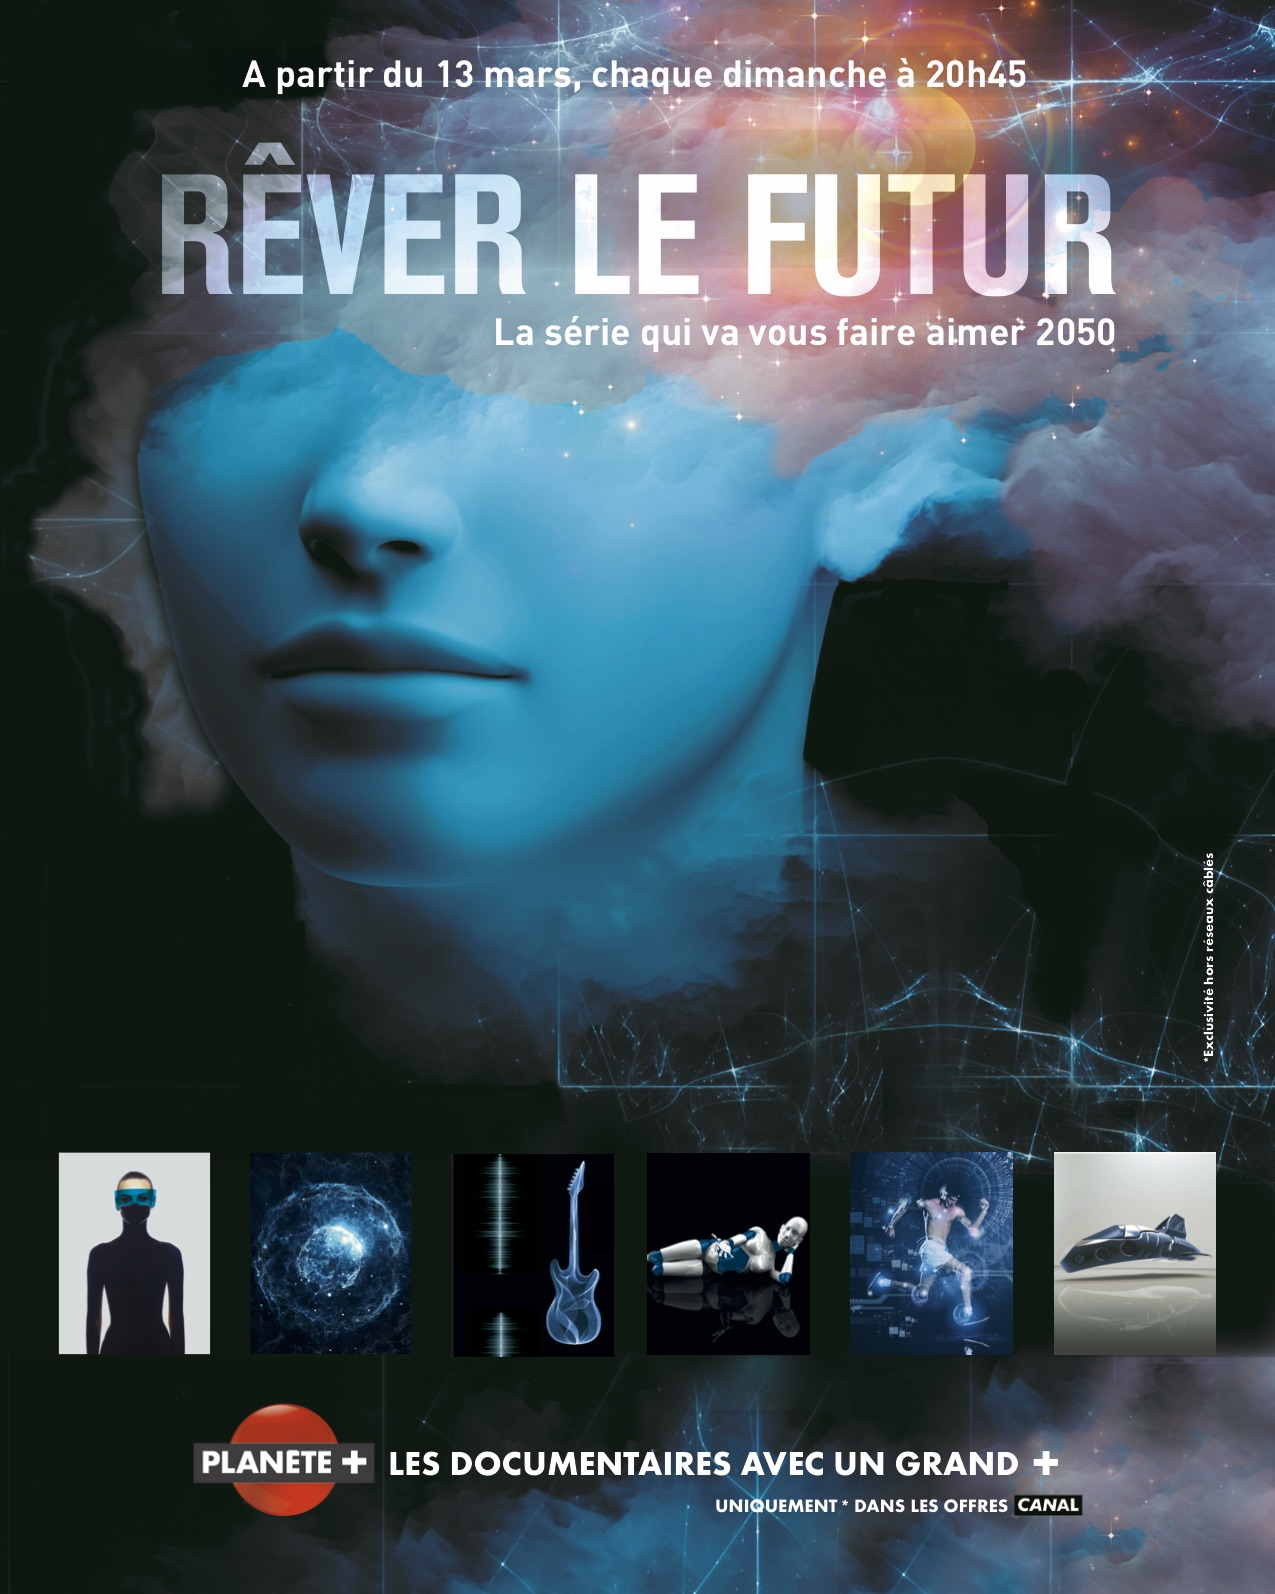 Rêver le futur - affiche série documentaire